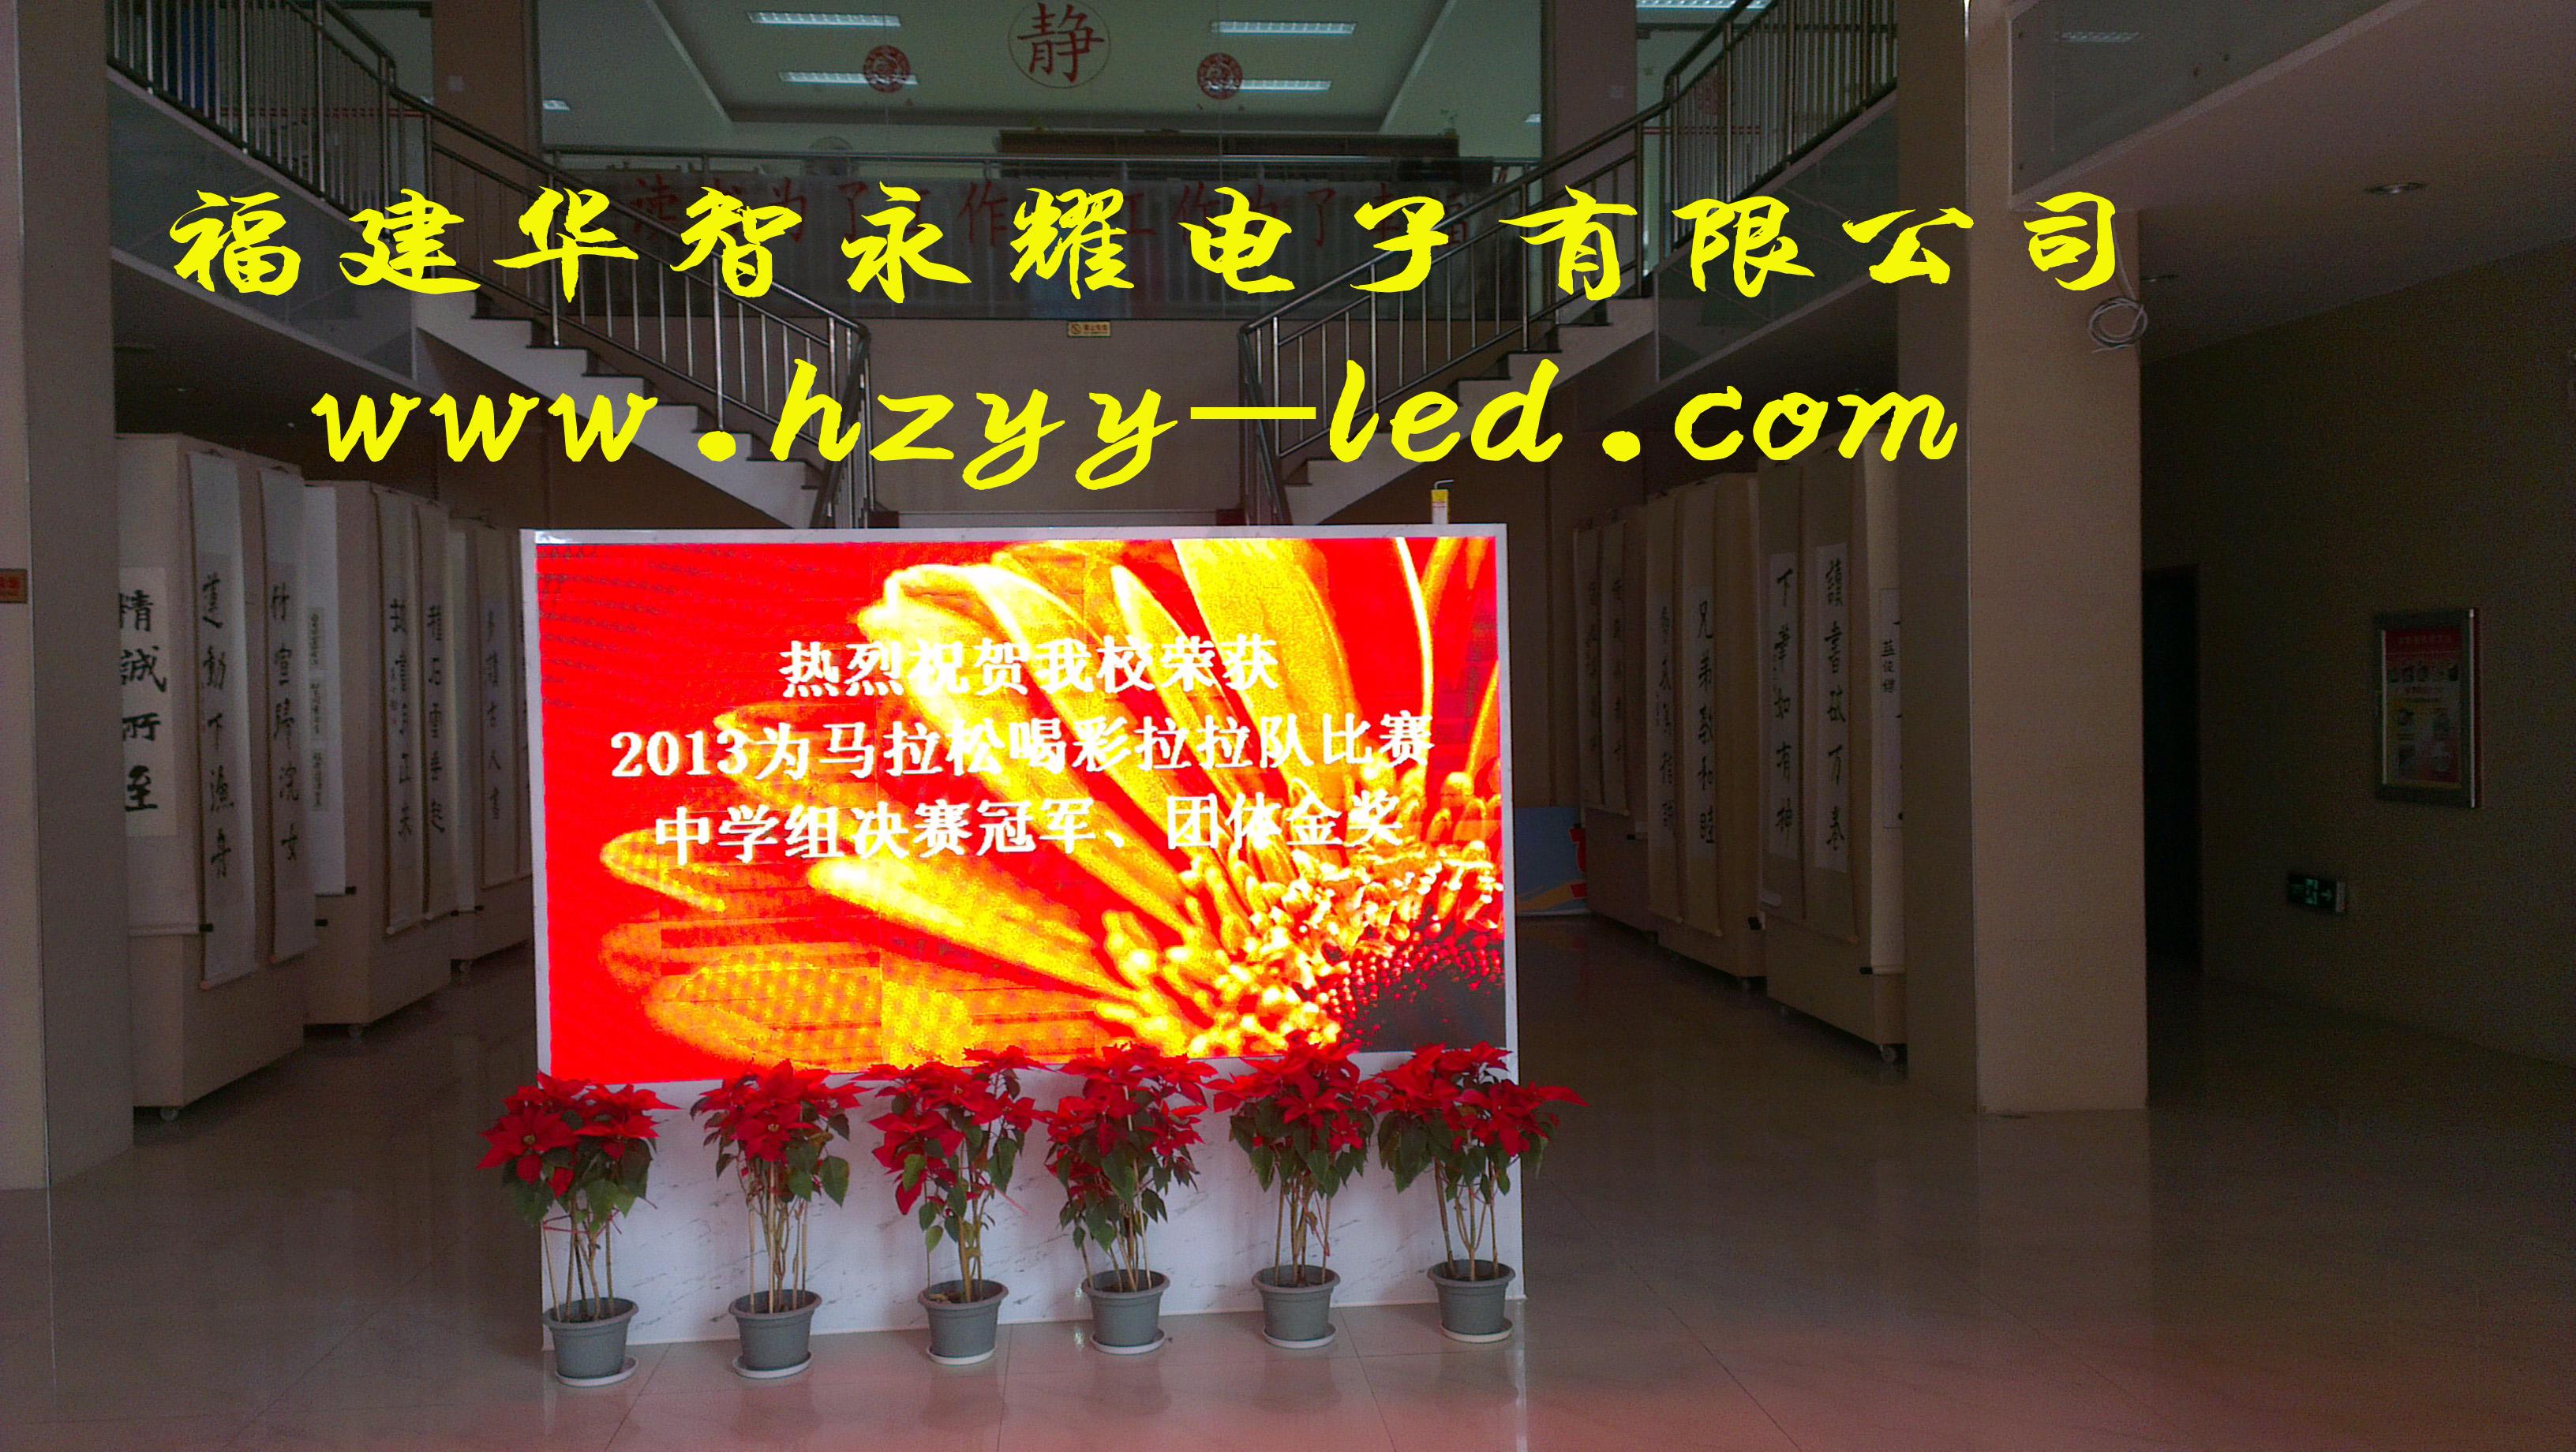 福州LED全彩显示屏 室内全彩显示屏 福州室内全彩LED